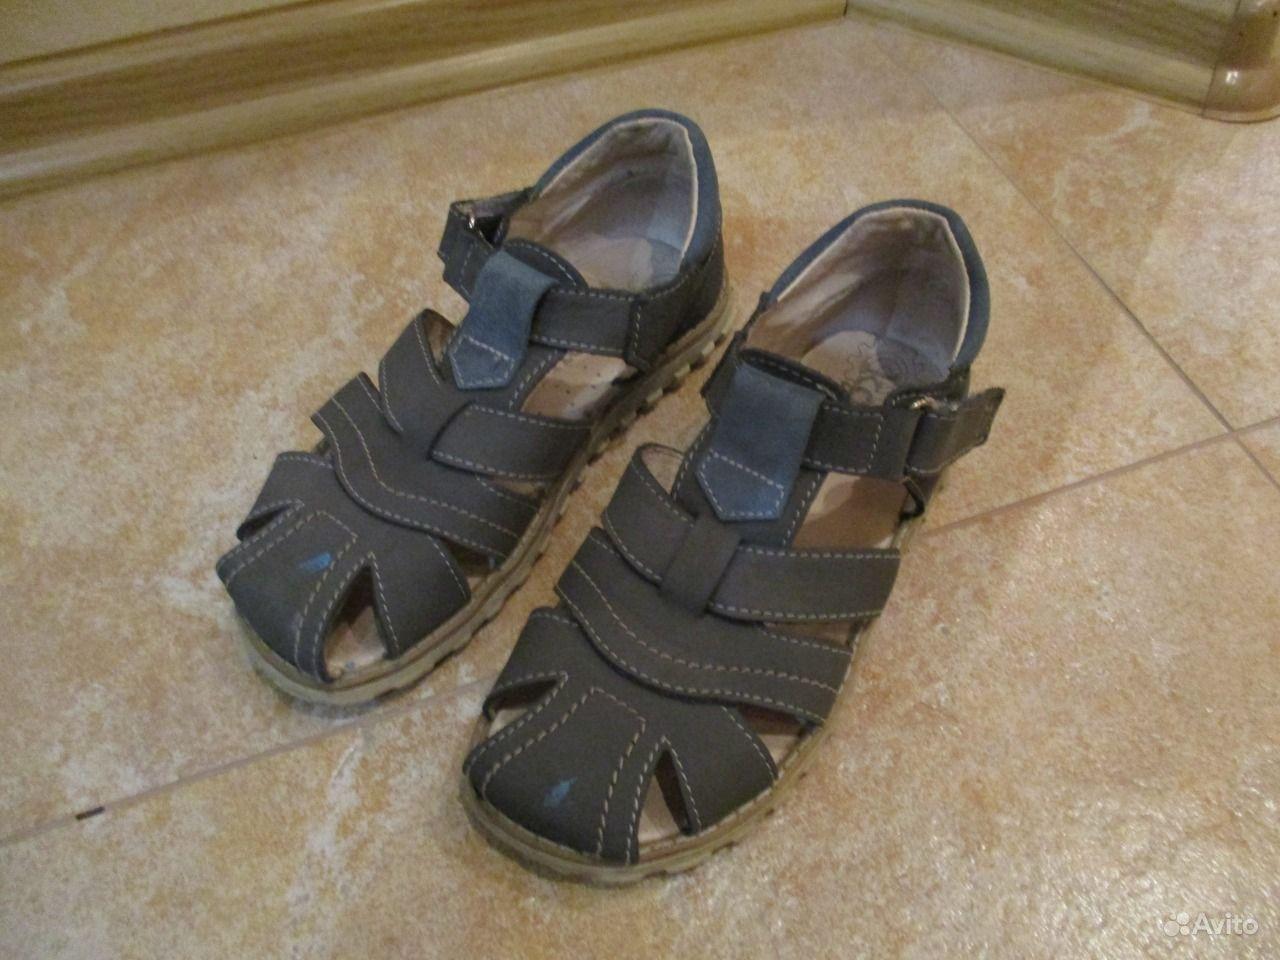 d38a1f95a Продается обувь на мальчика р.32-35 б/у | Festima.Ru - Мониторинг ...